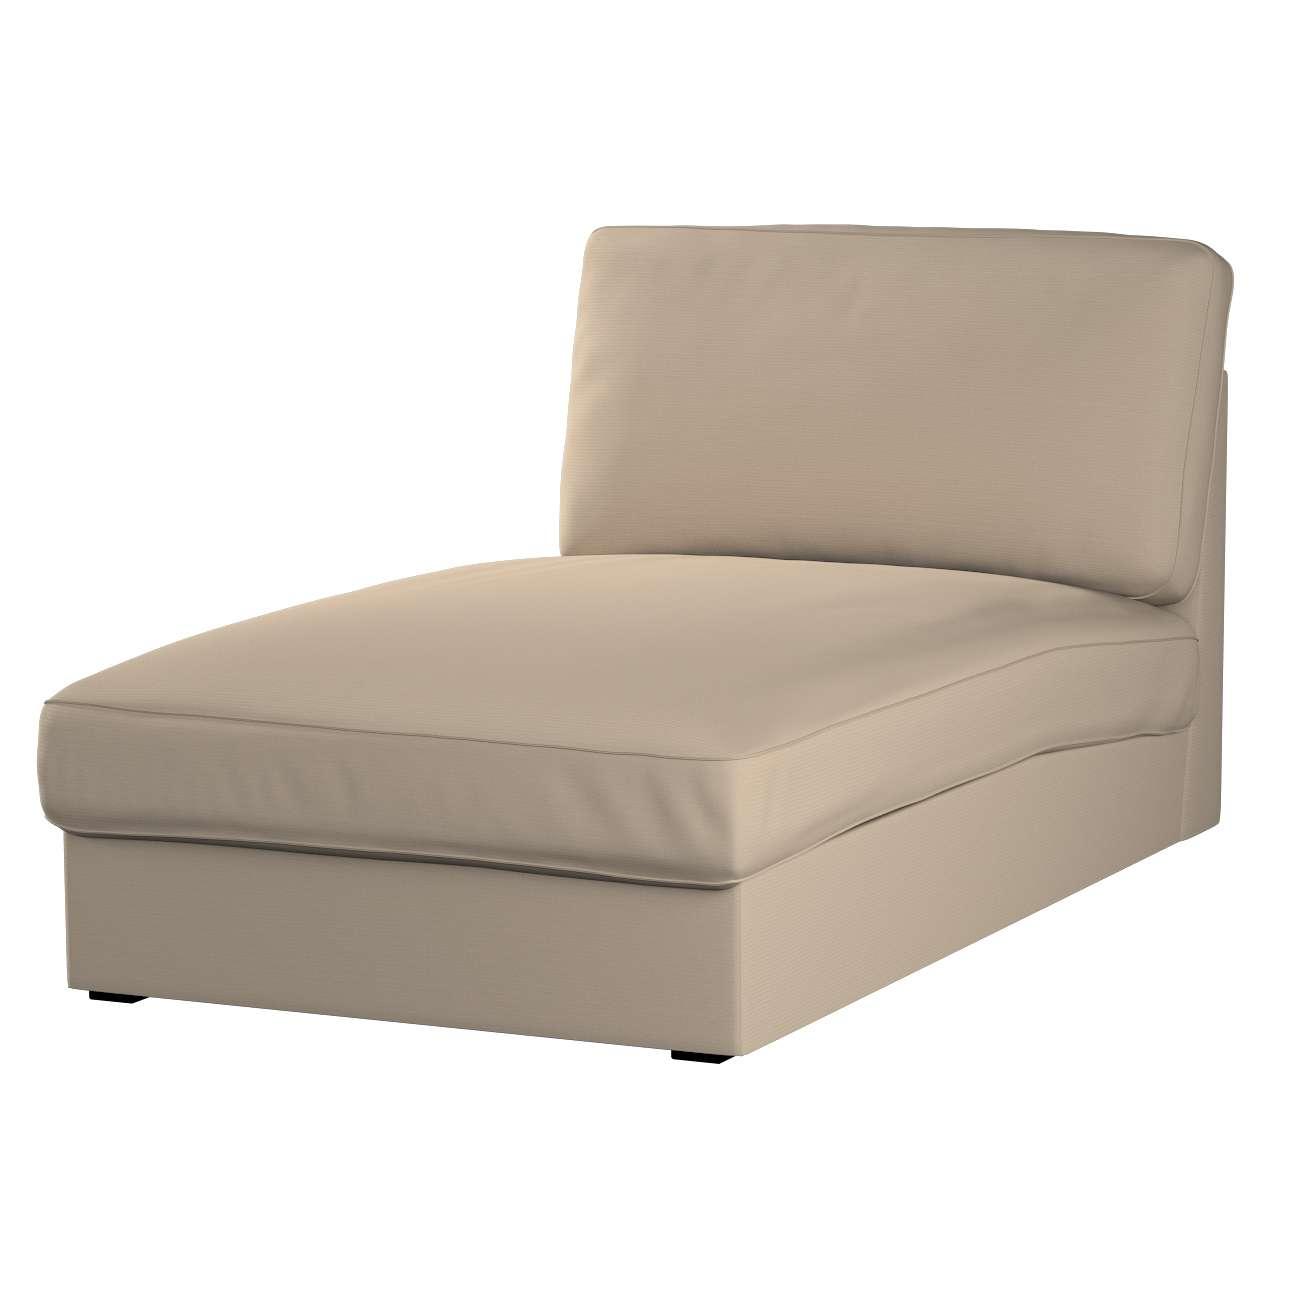 KIVIK gulimojo krėslo užvalkalas Kivik chaise longue kolekcijoje Cotton Panama, audinys: 702-28